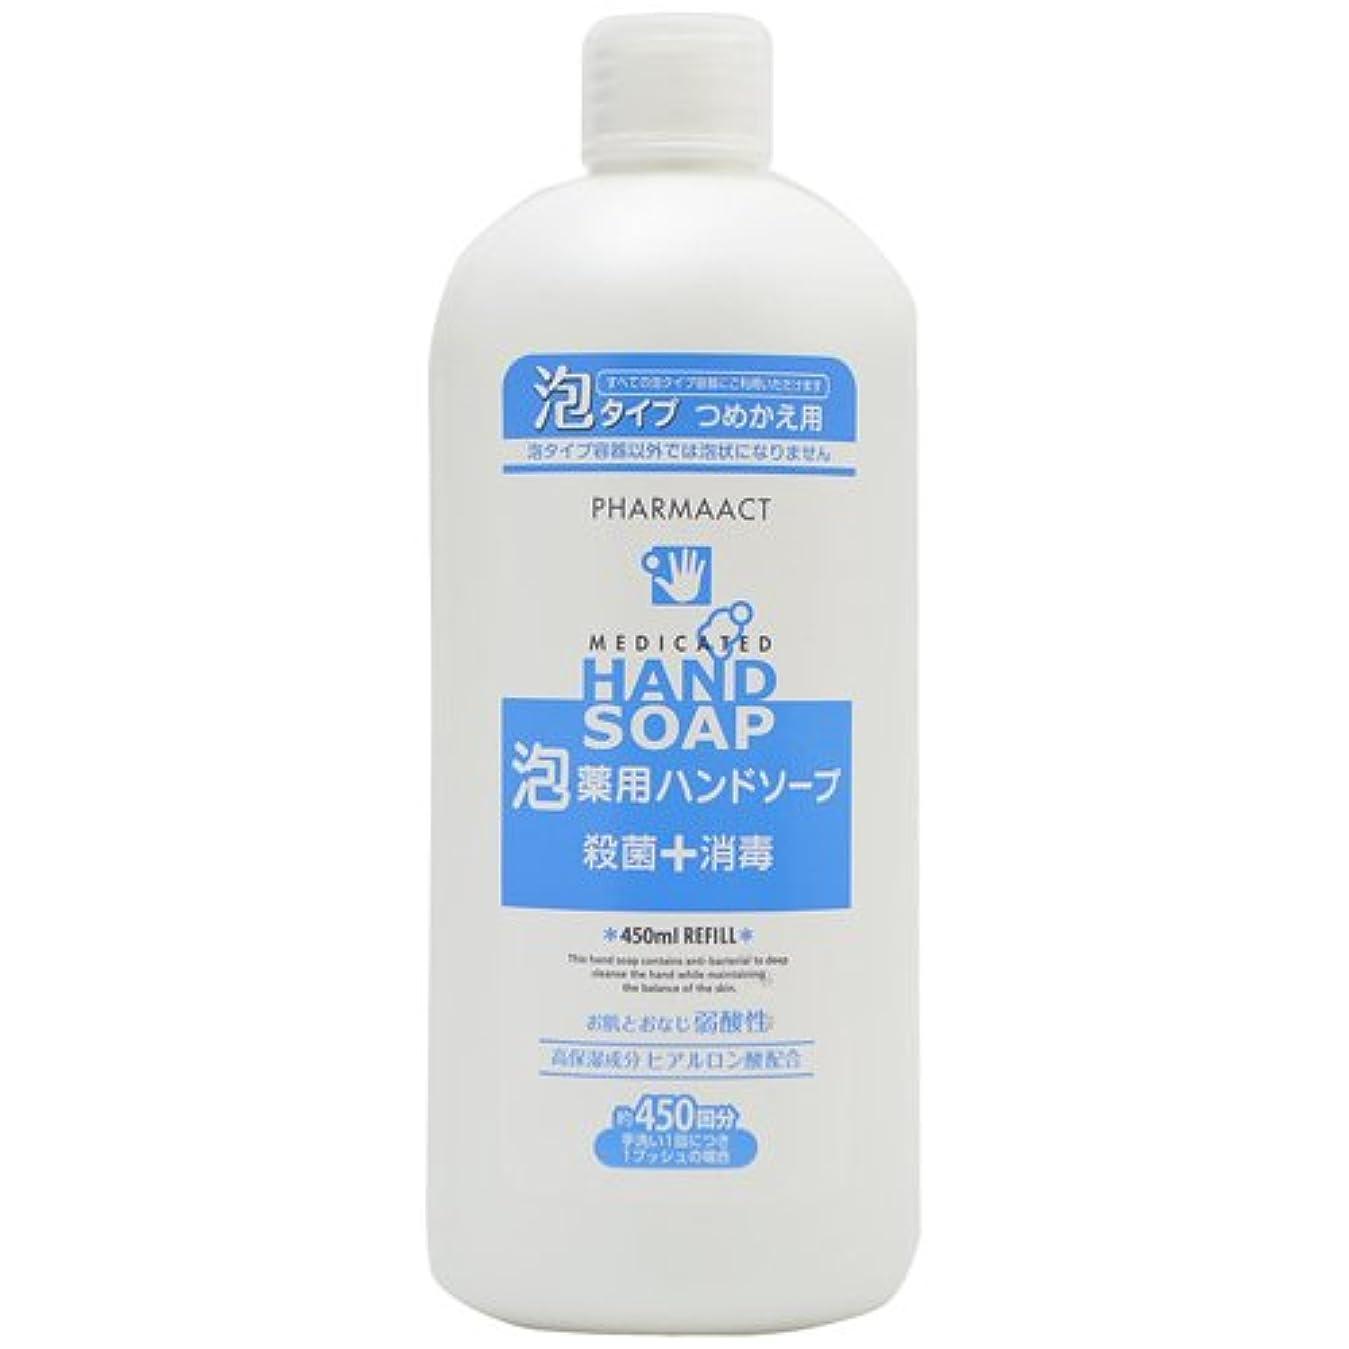 繁栄するぐるぐる威する熊野油脂 ファーマアクト 薬用泡ハンドソープ つめかえ用 450ml×24点セット (4513574017603)